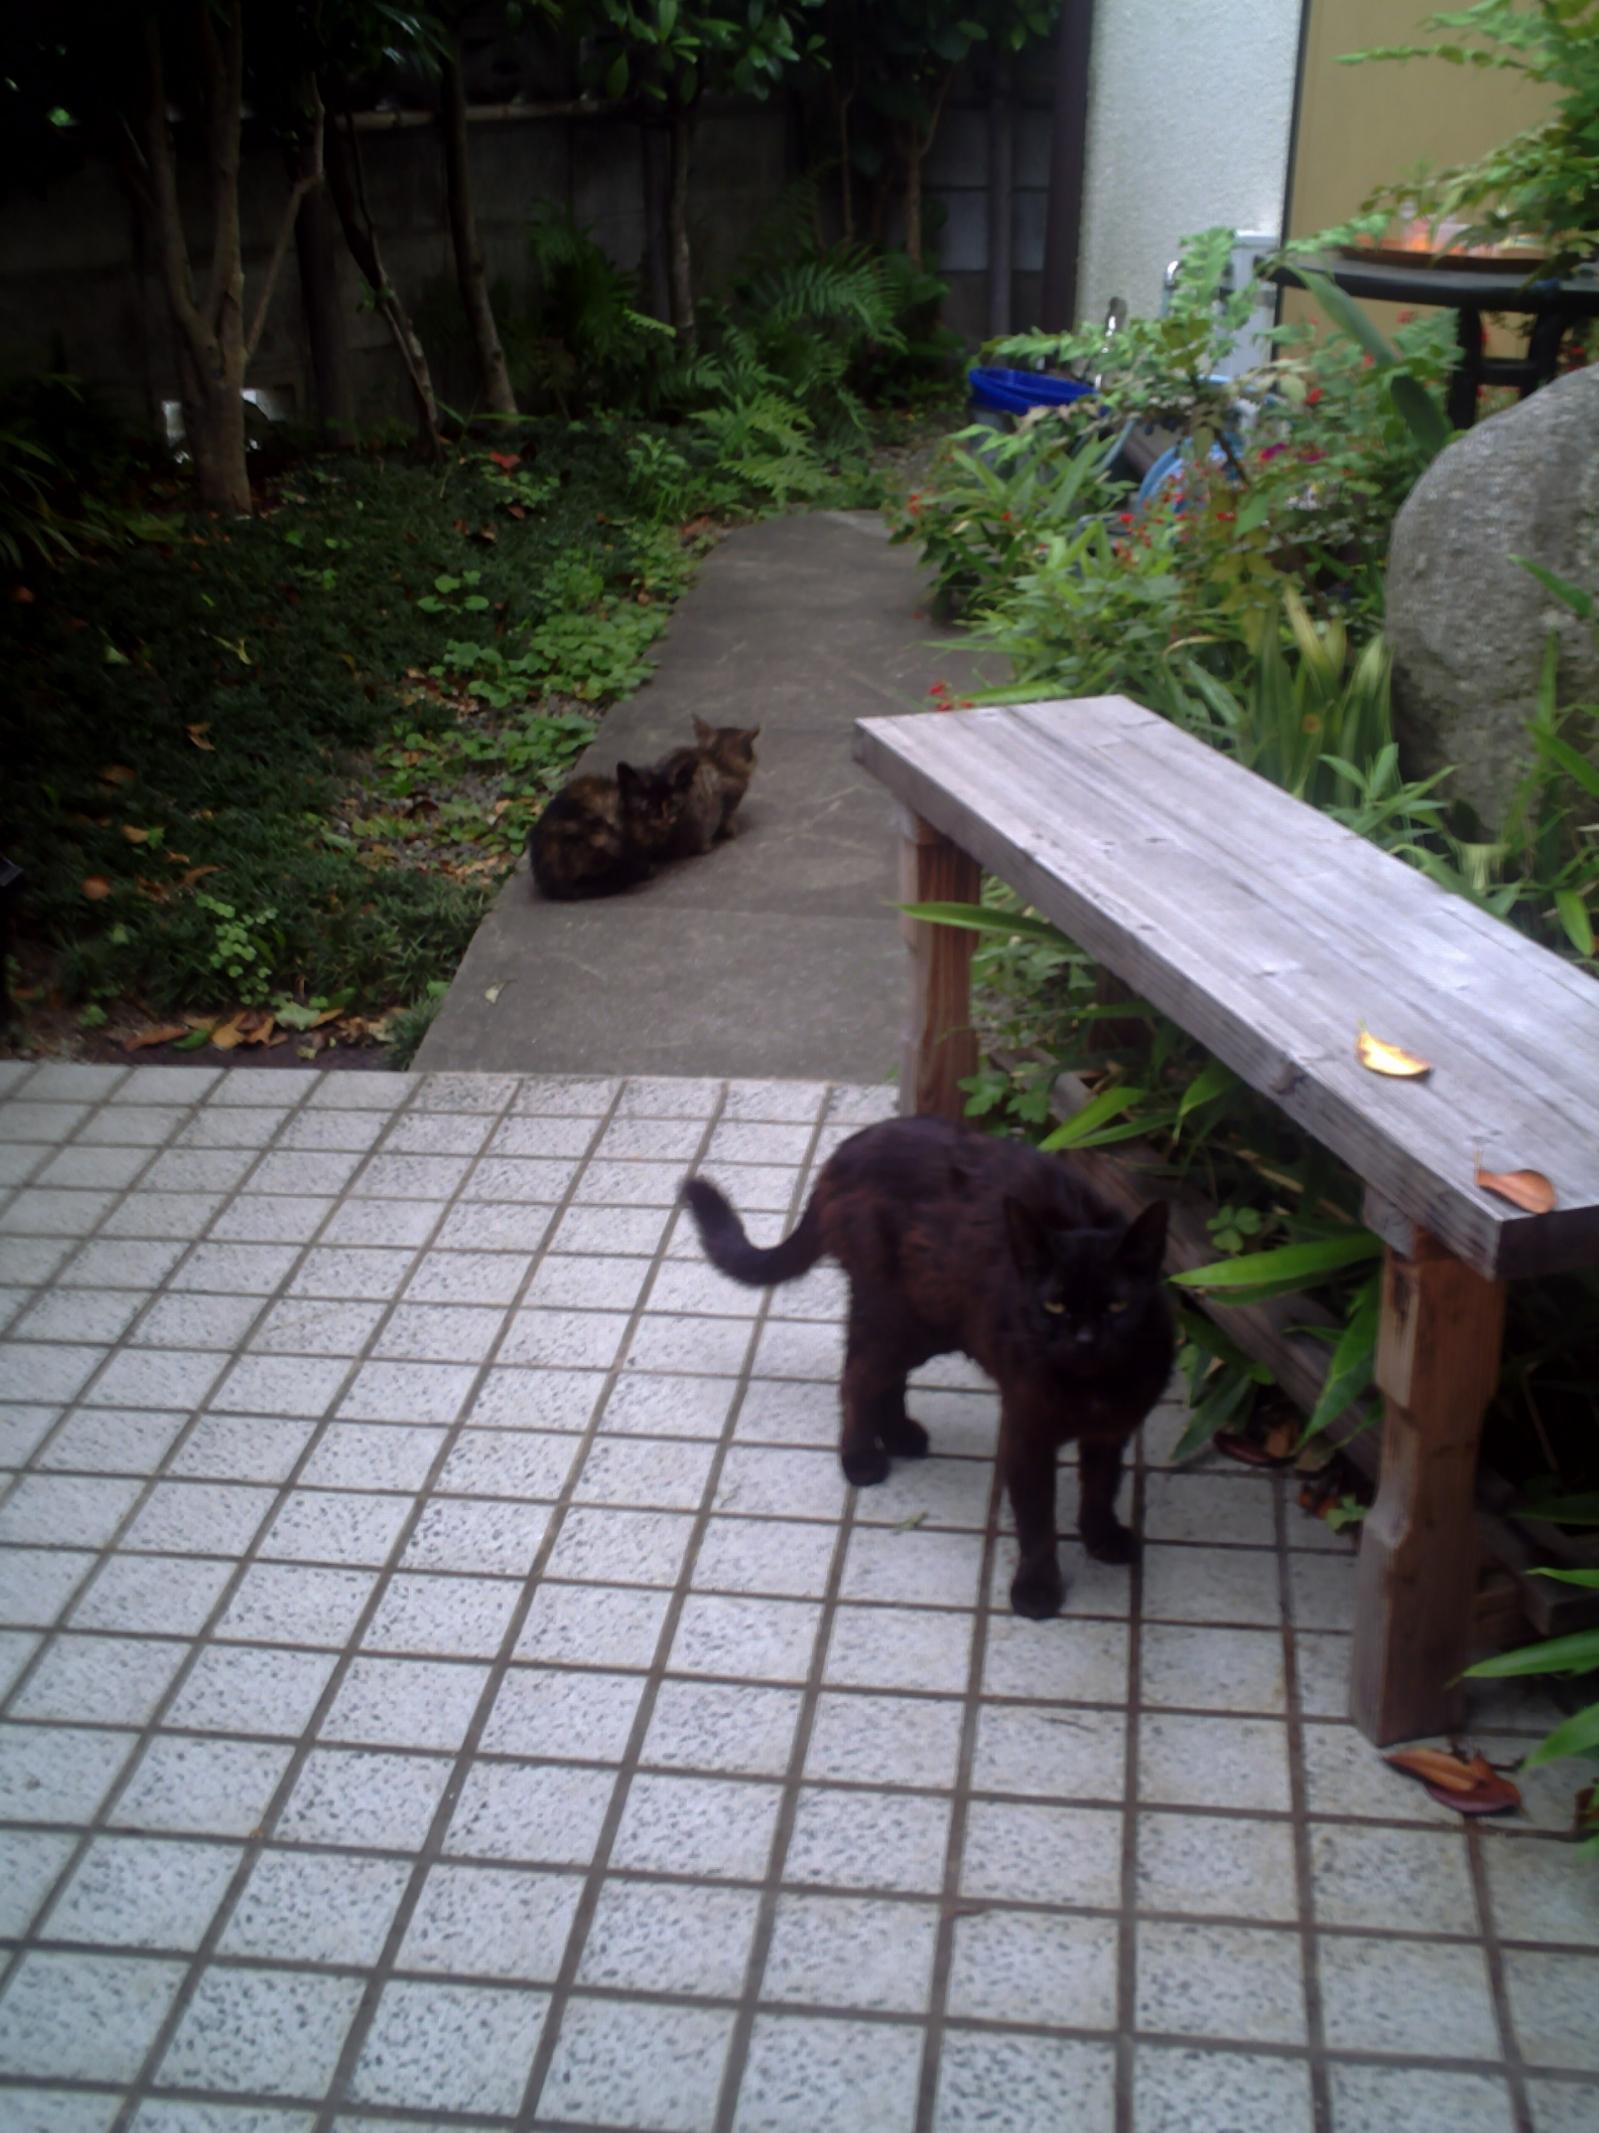 と 私 庭 猫 ブログ の